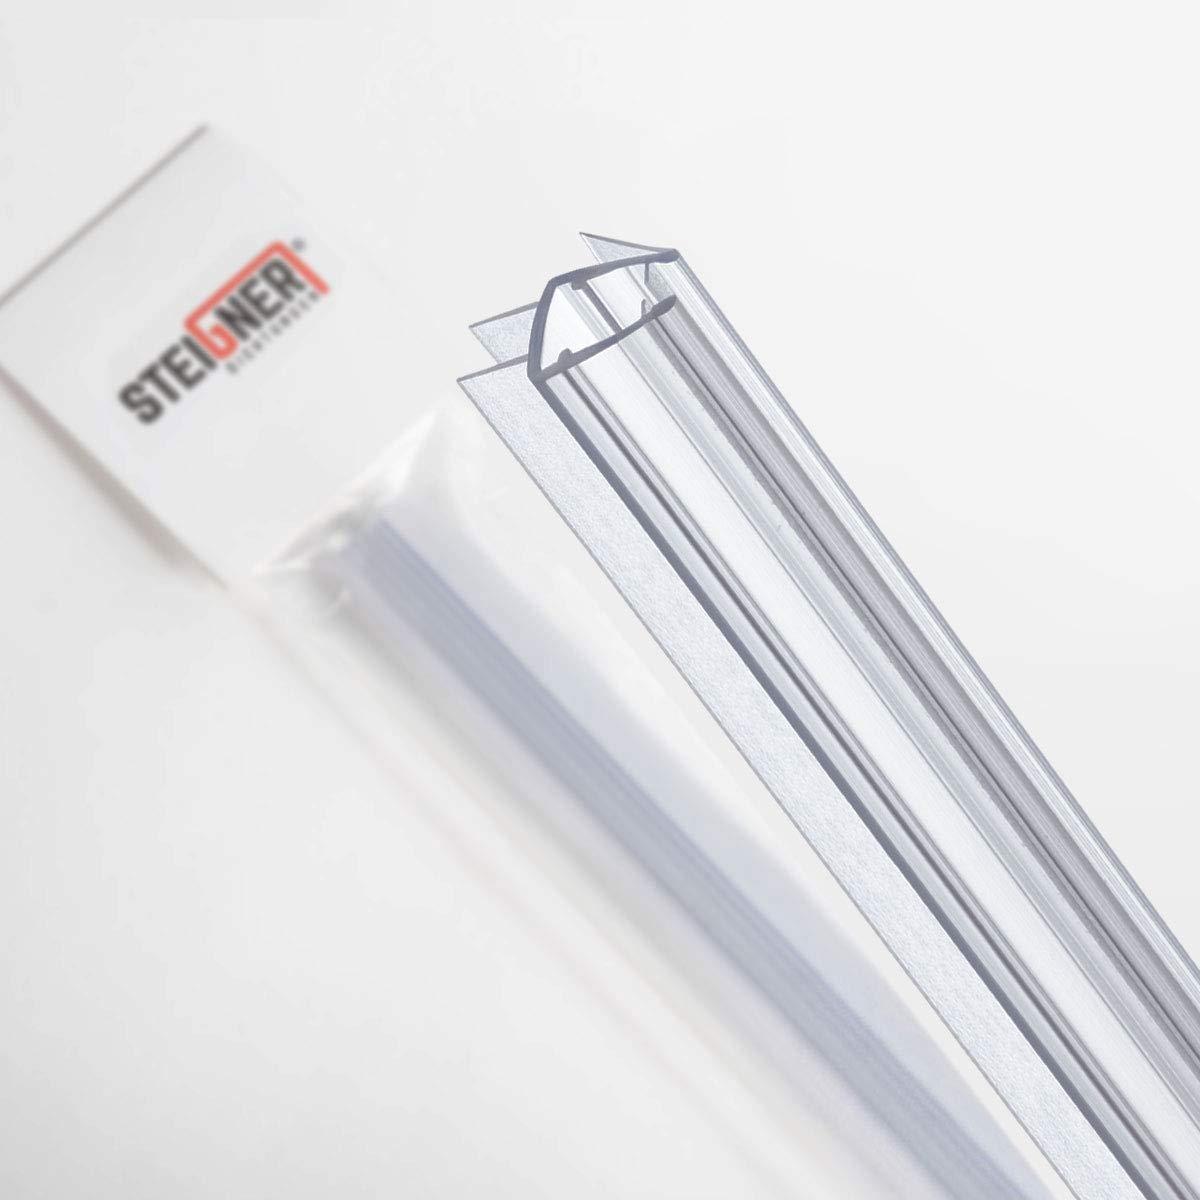 STEIGNER 60 cm Junta Repuesto Para el Vidrio 10mm/11mm Junta Vierteaguas de Ducha, UK20-10: Amazon.es: Bricolaje y herramientas